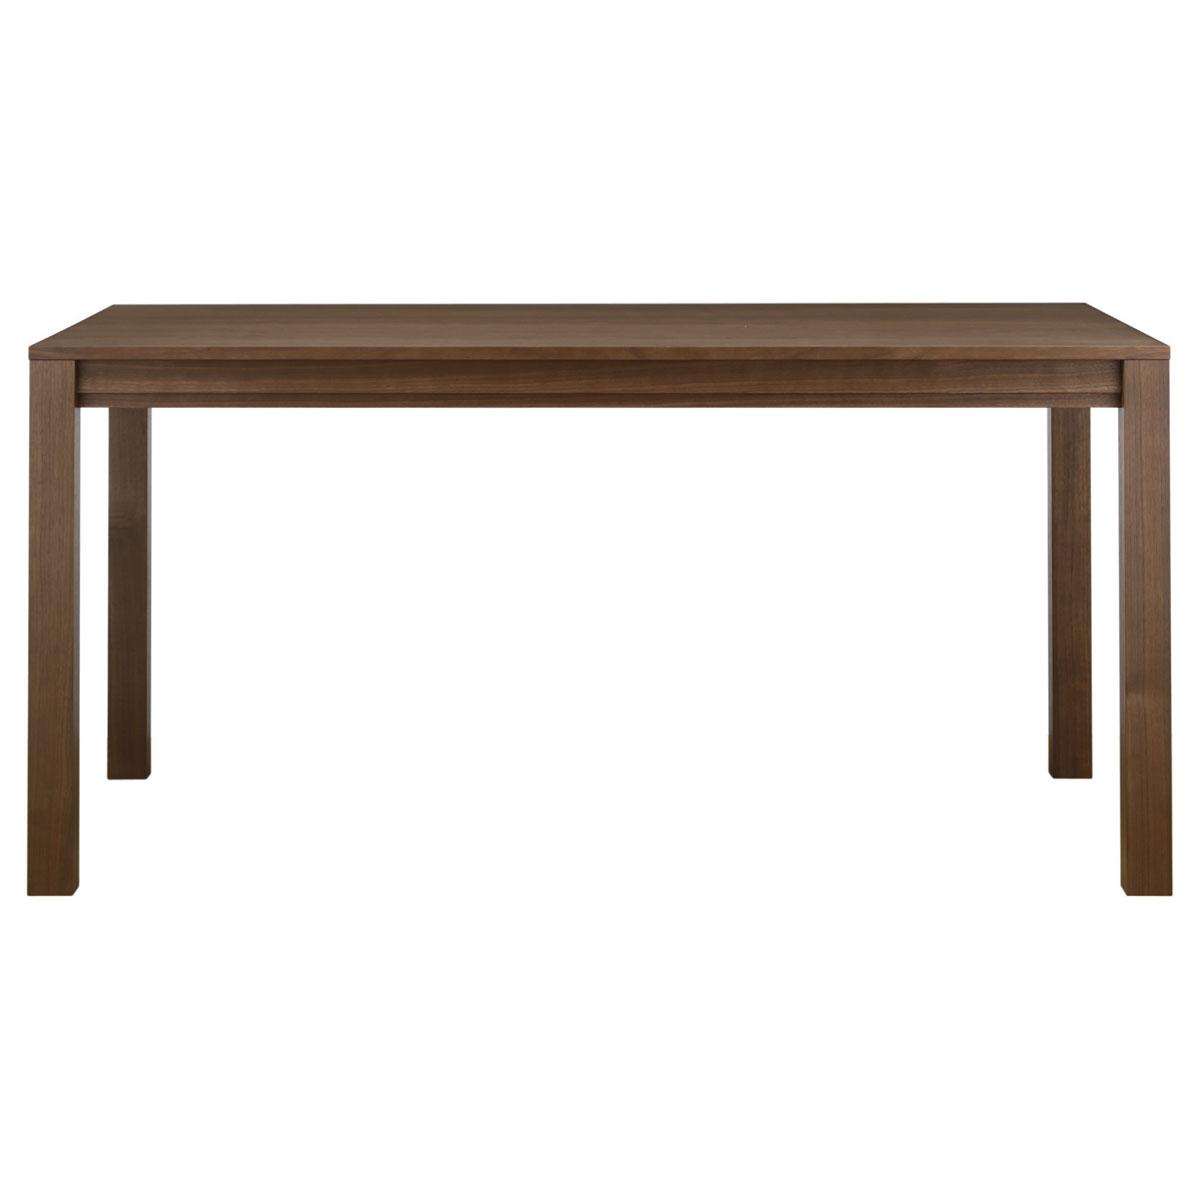 松永家具 アルテ エール テーブル 150 ダイニングテーブル 国産 木製【代引き不可】